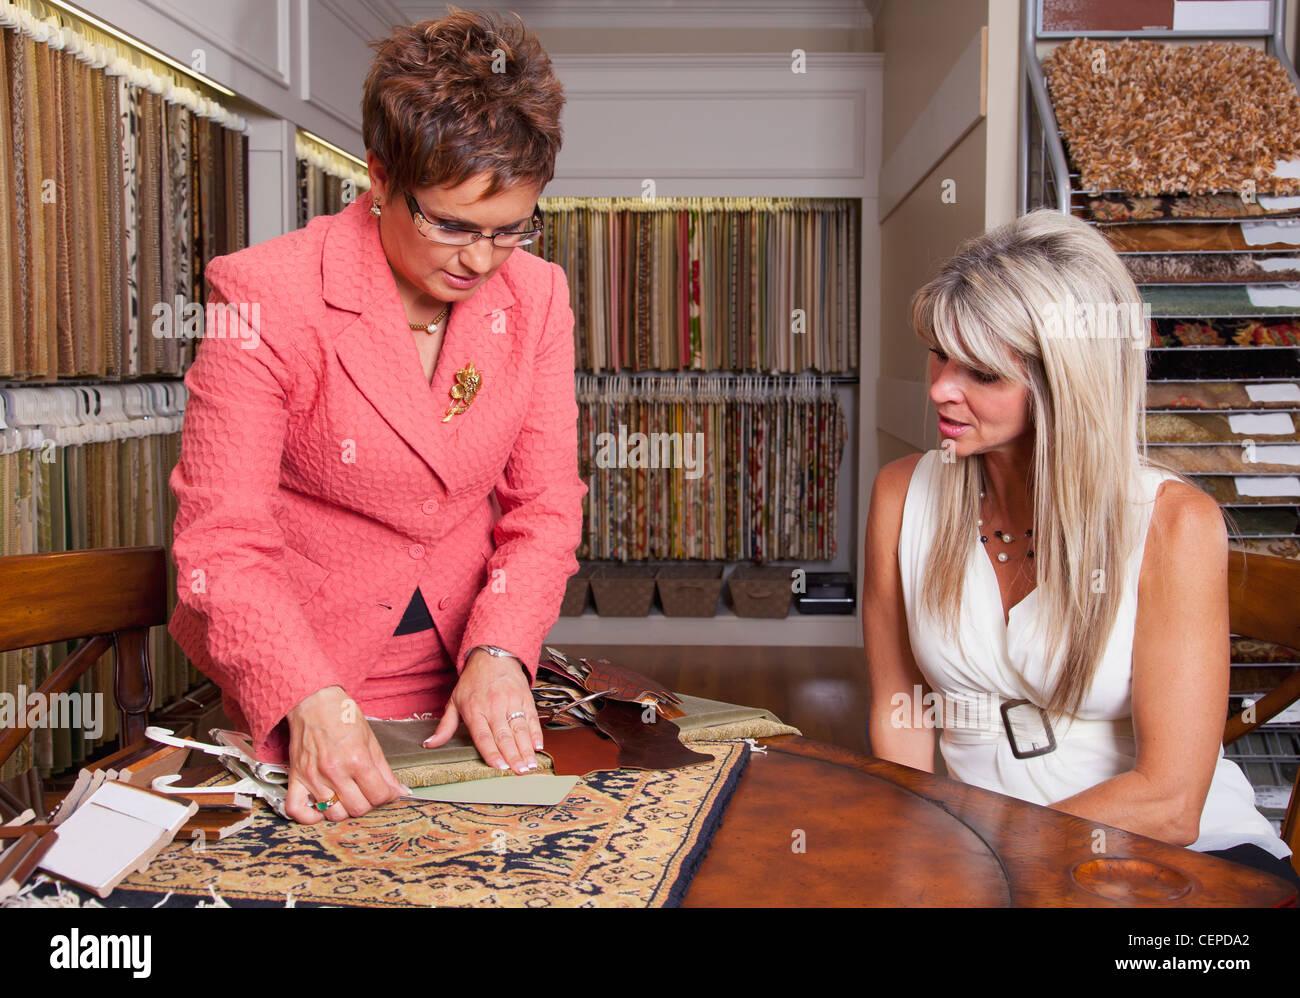 Interior designer client fabric stock photos interior - Clients looking for interior designers ...